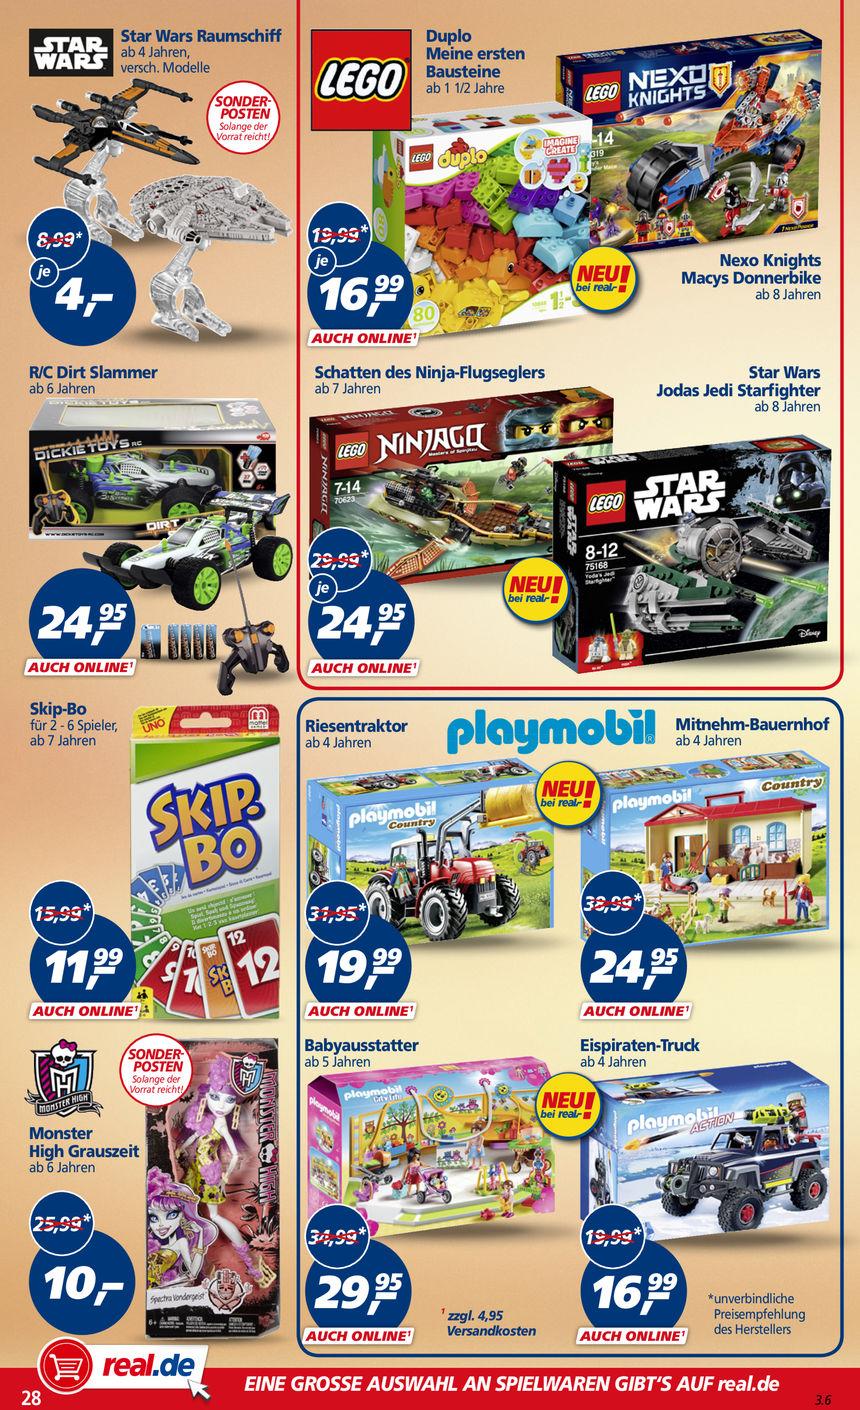 [Lokal Waiblingen] Hot Wheels Star Wars Modelle für 2 bzw. 4 EUR